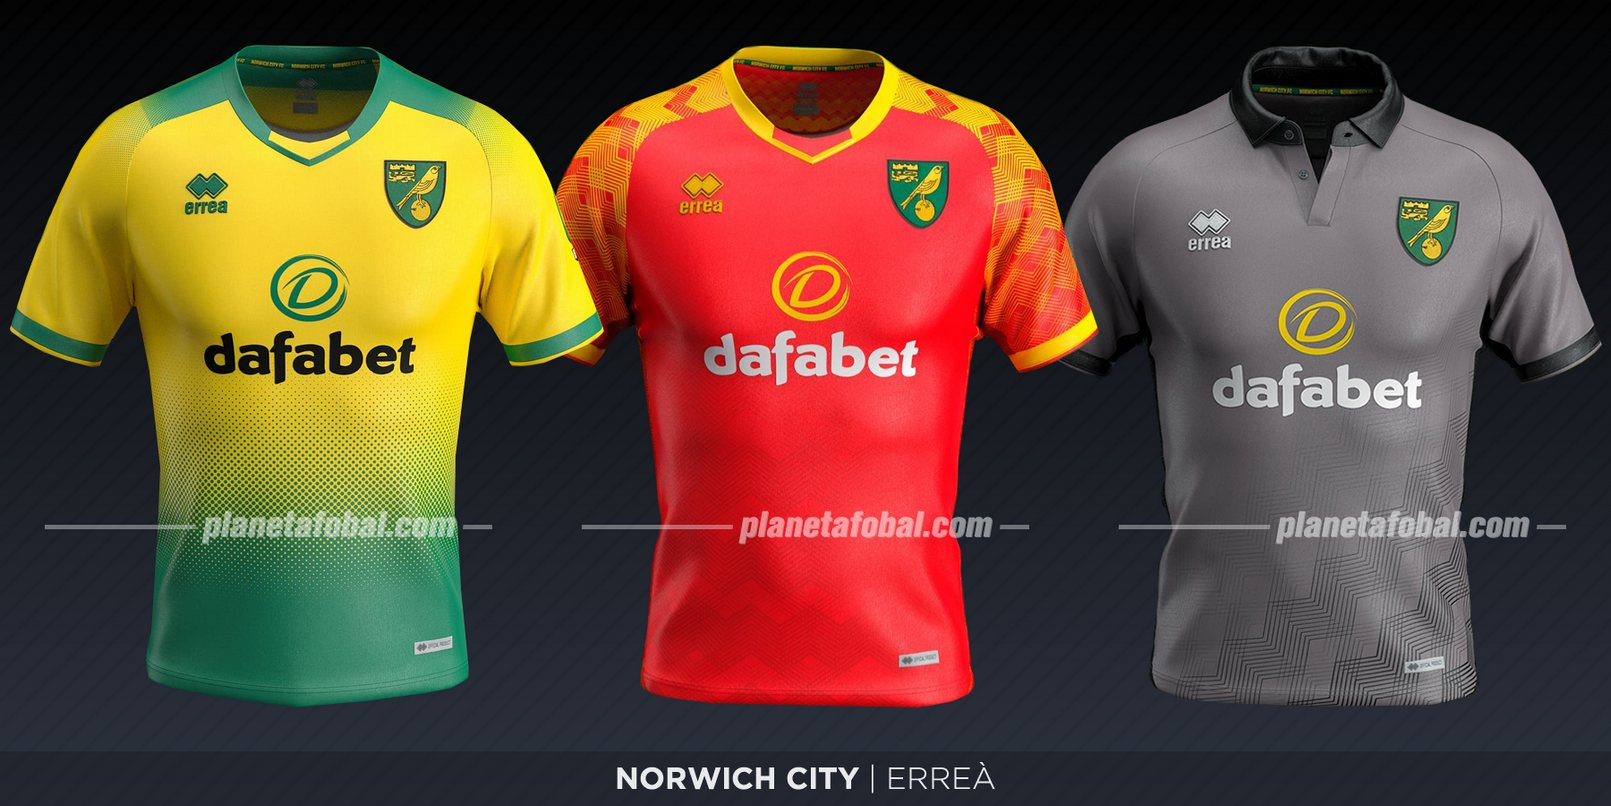 Norwich City (Erreà) | Camisetas de la Premier League 2019-2020